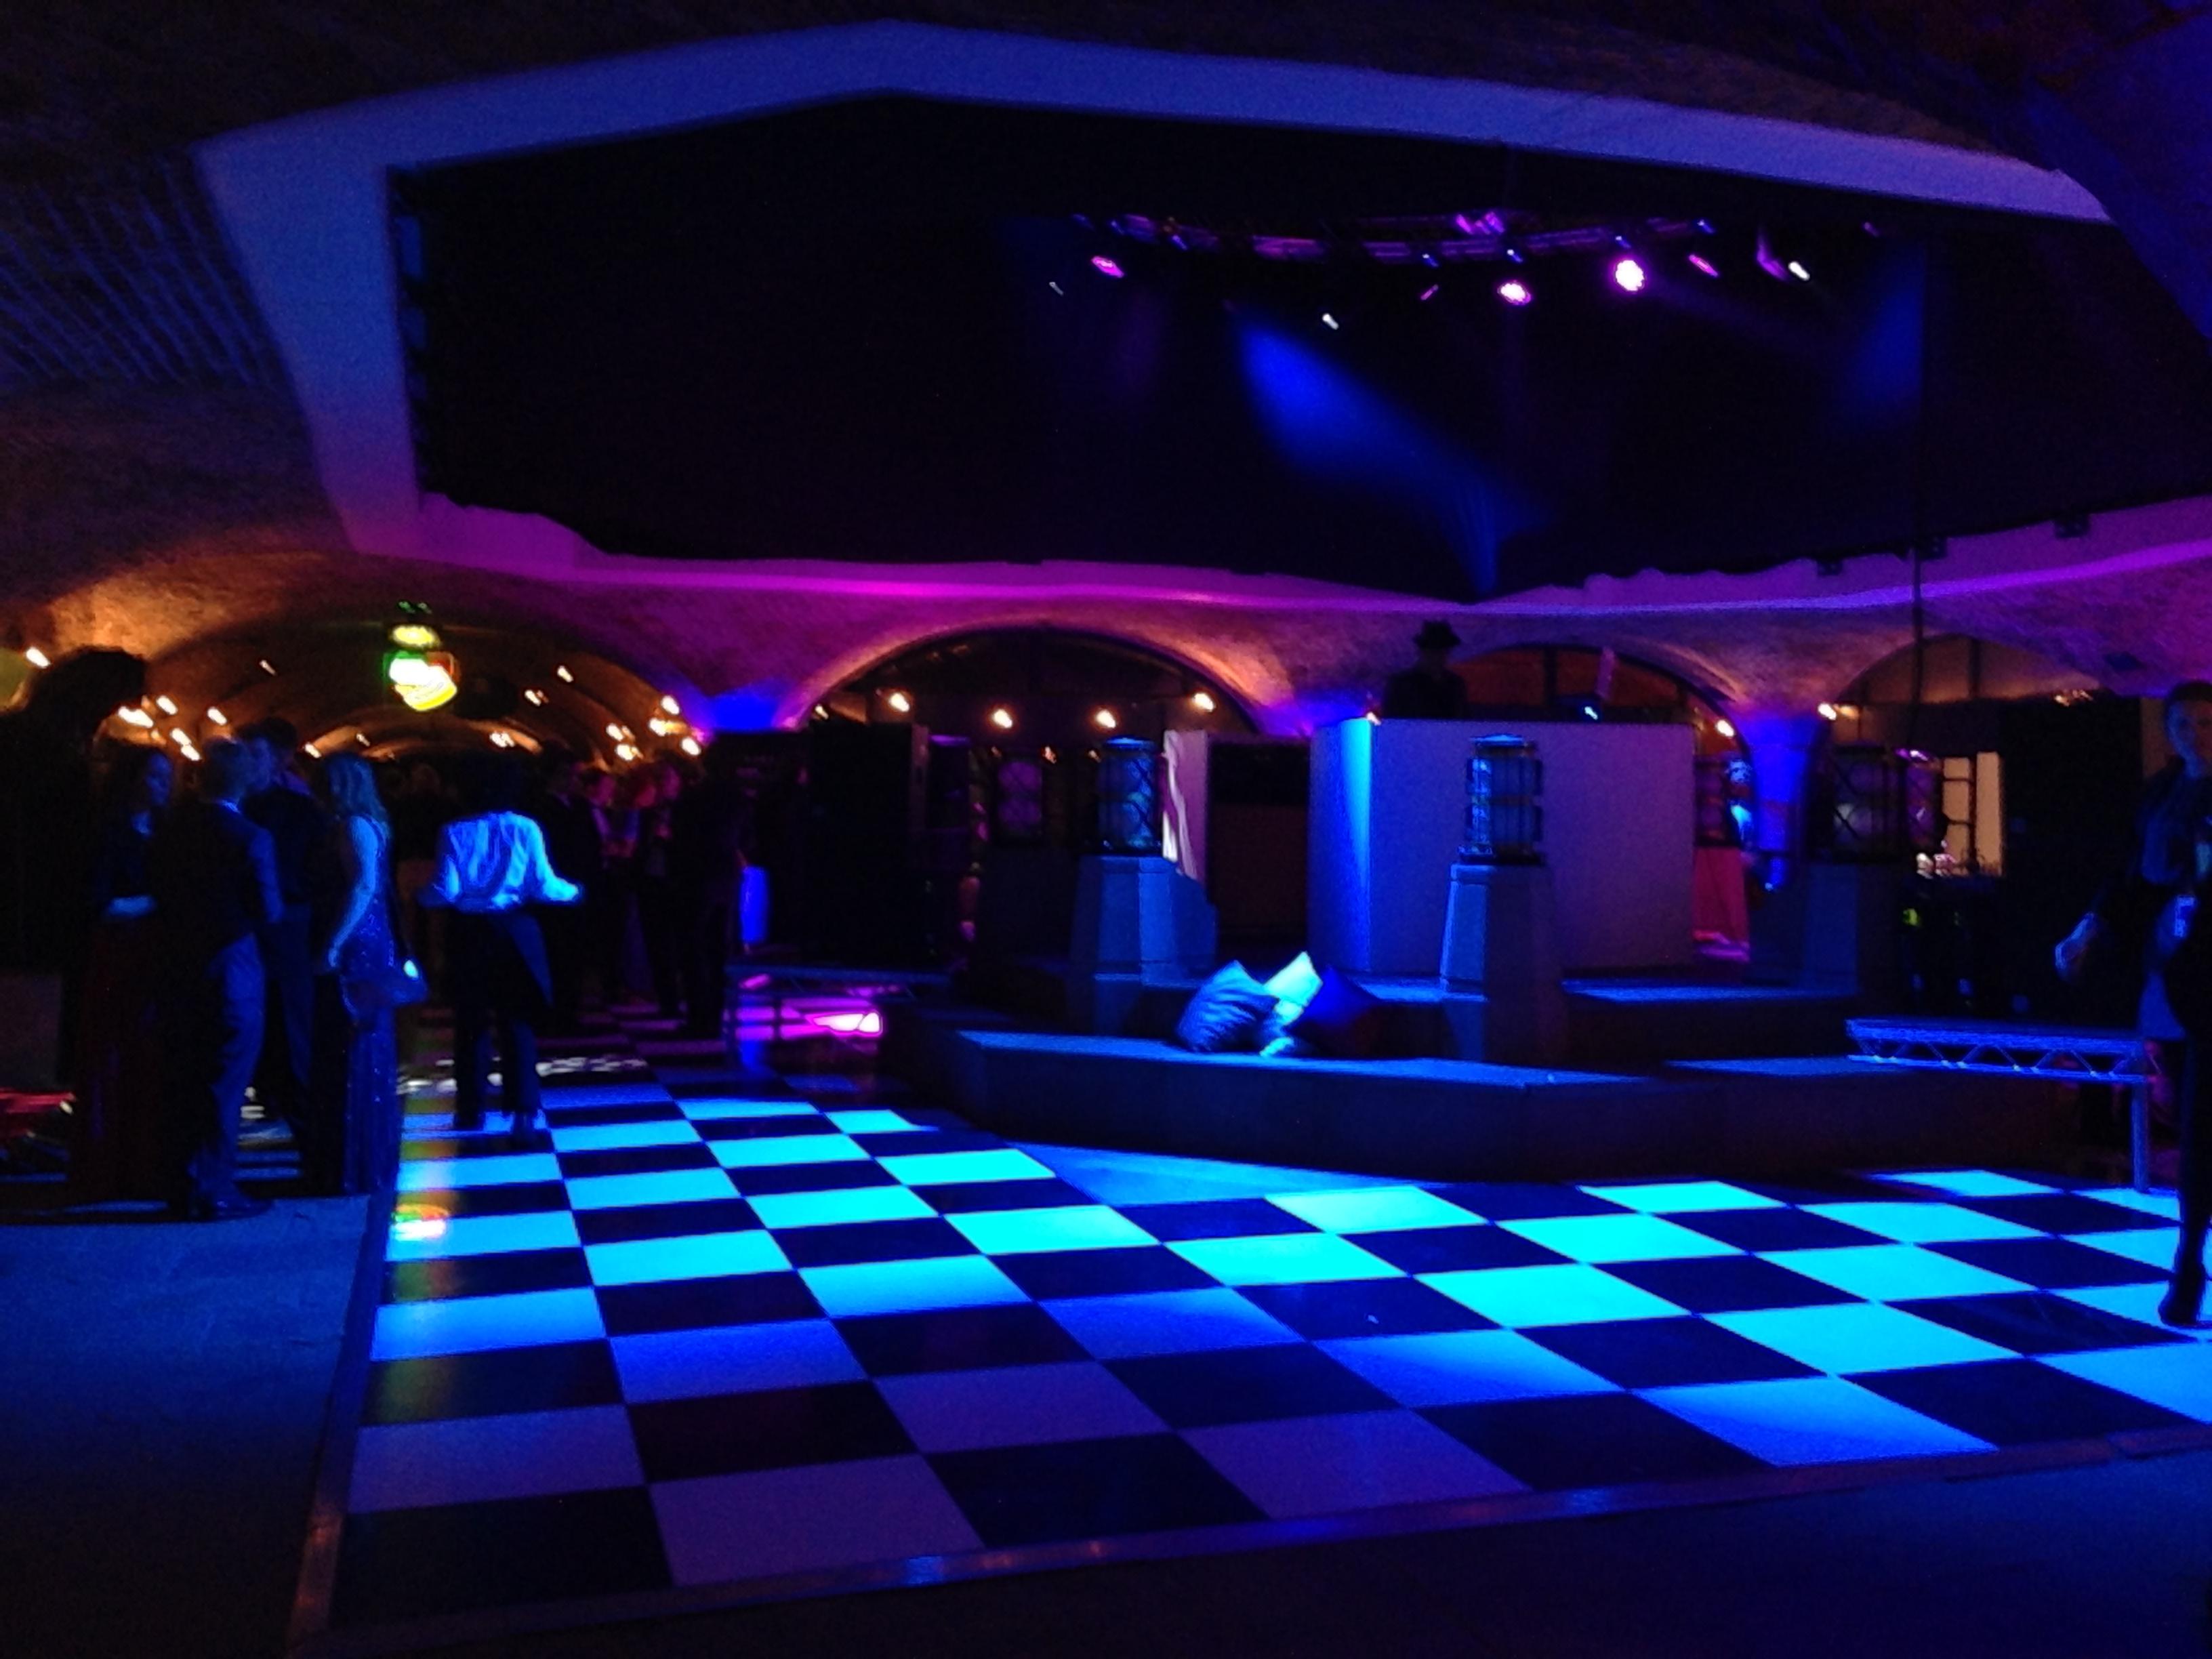 2014-03-12 22.05.32 BAFTAs - dance floor